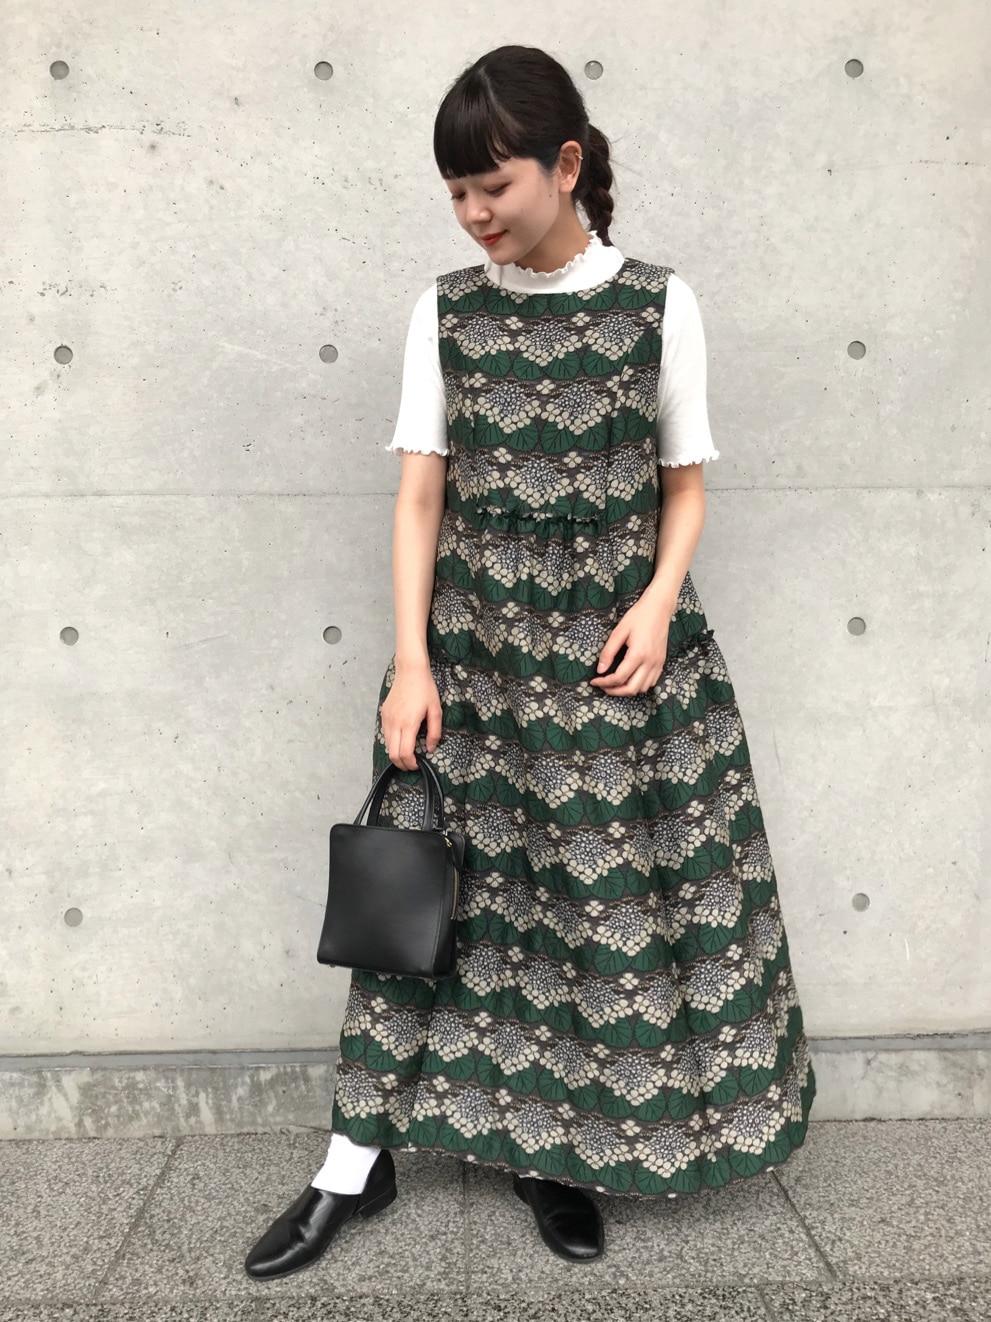 東京スカイツリータウン・ソラマチ 2020.07.31